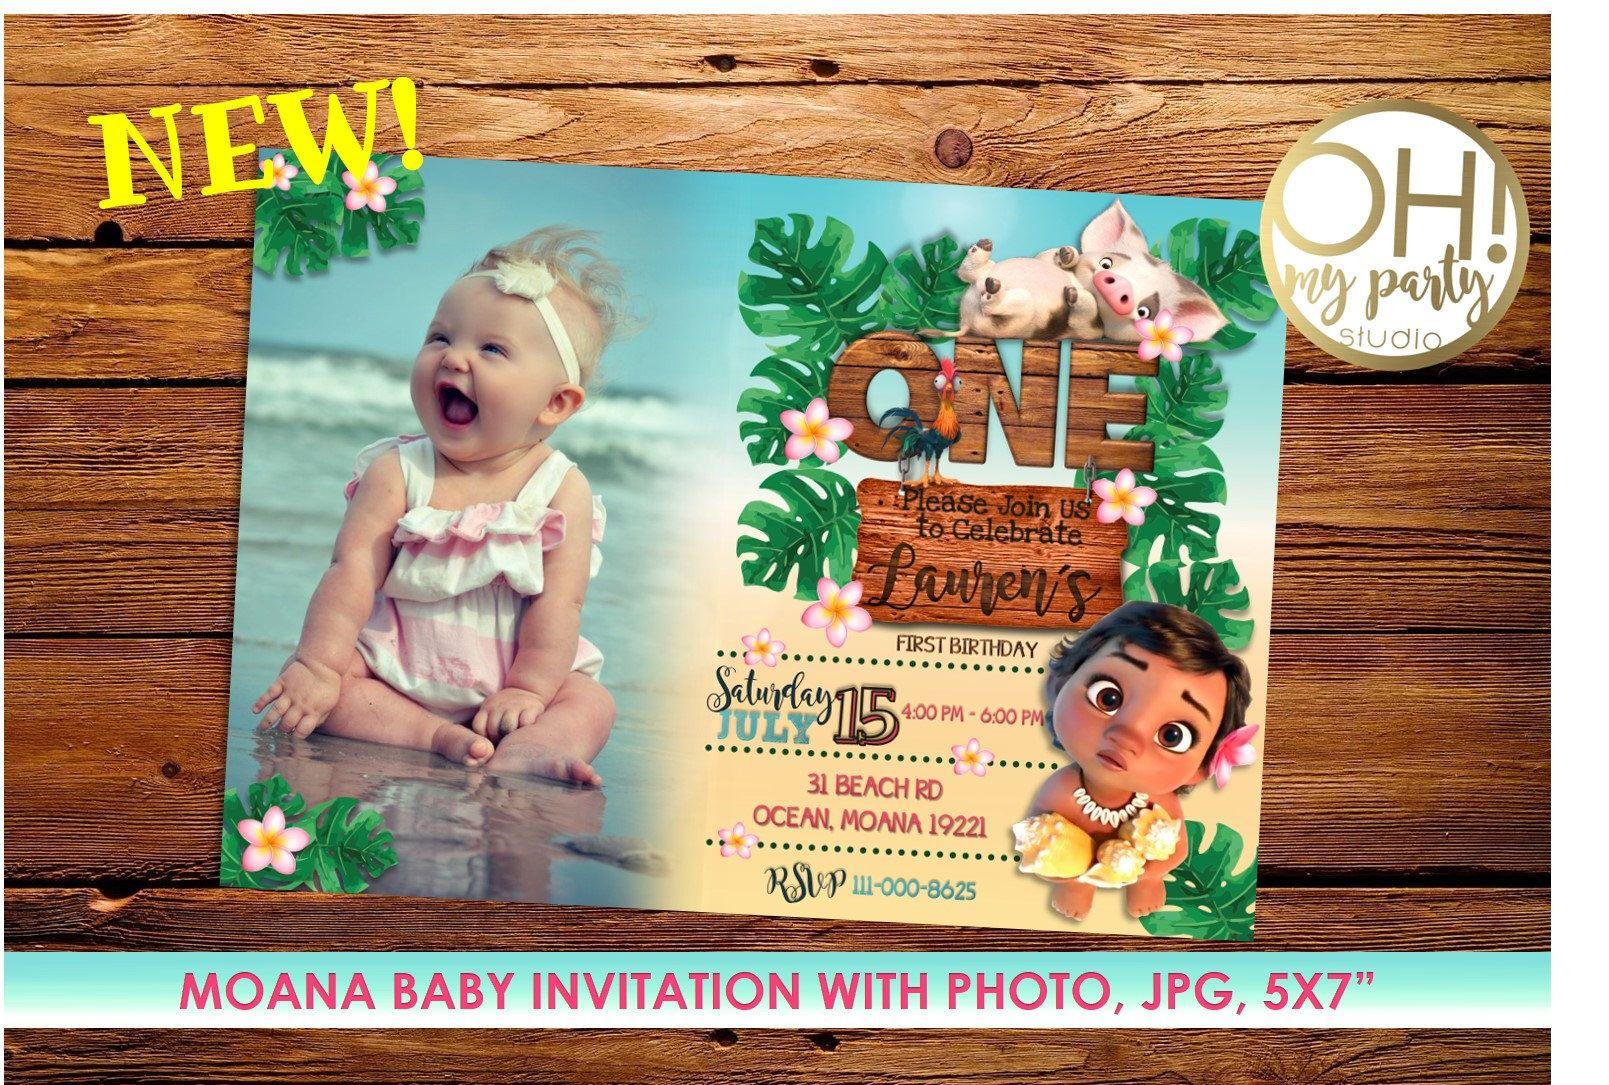 Moana Invitation With Photo Birthday Baby